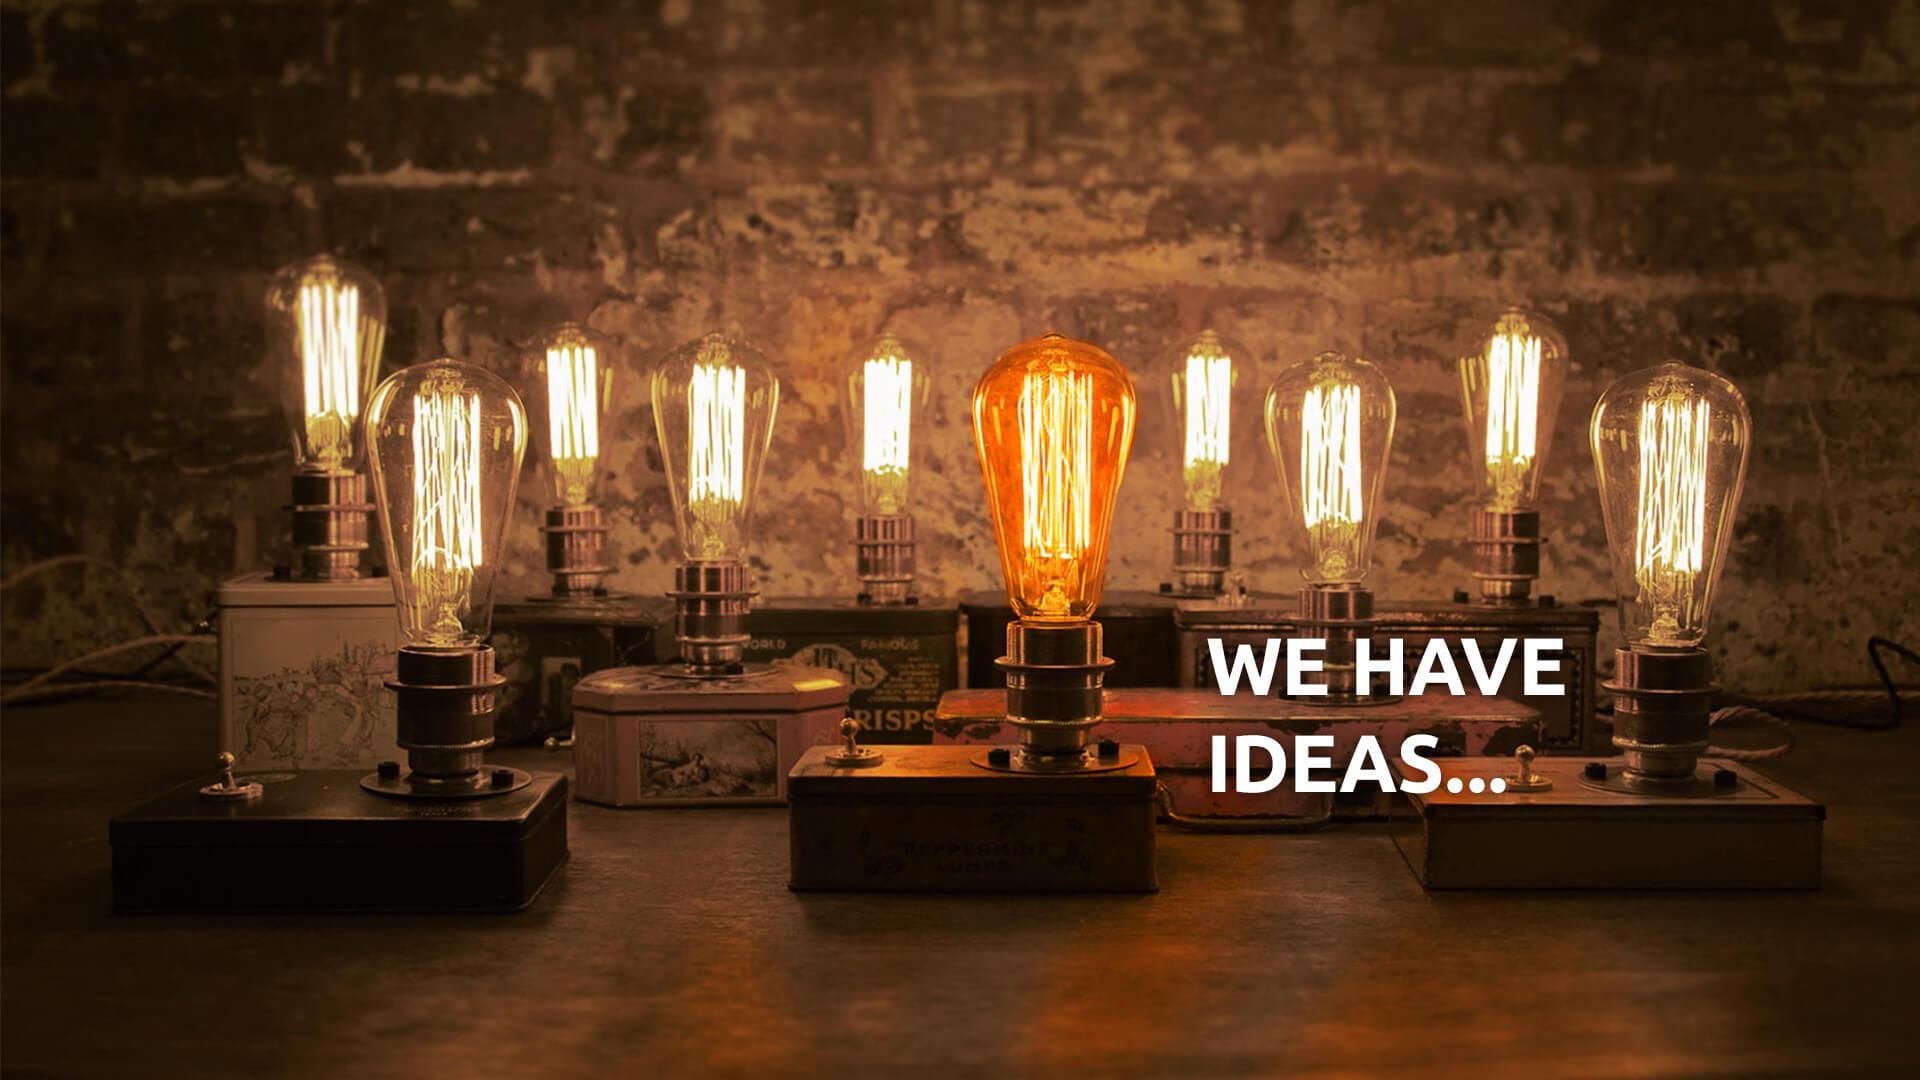 У нас есть идеи для вашего дизайна Киев Украина